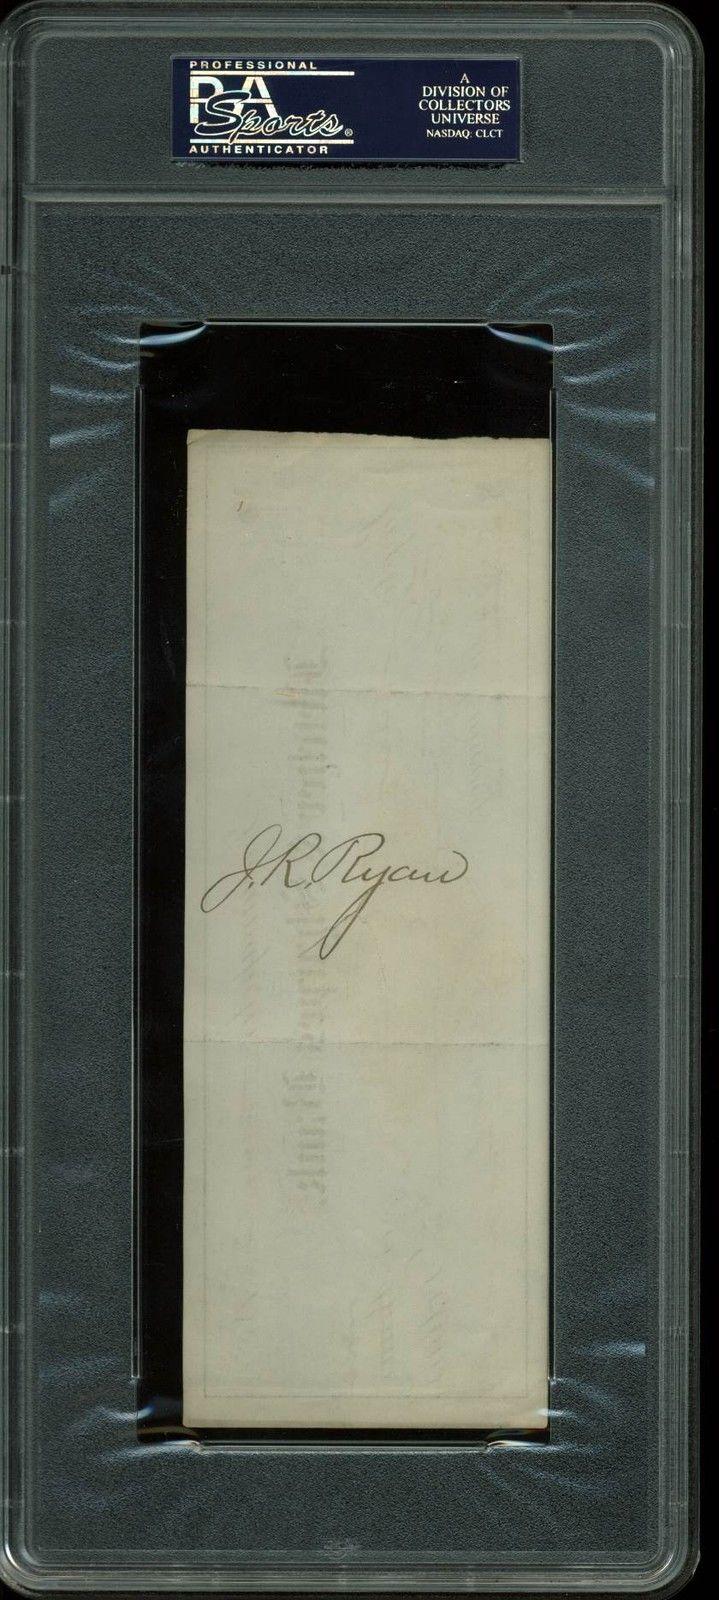 lot detail benjamin harrison signed 1881 bank check psa dna encapsulated. Black Bedroom Furniture Sets. Home Design Ideas